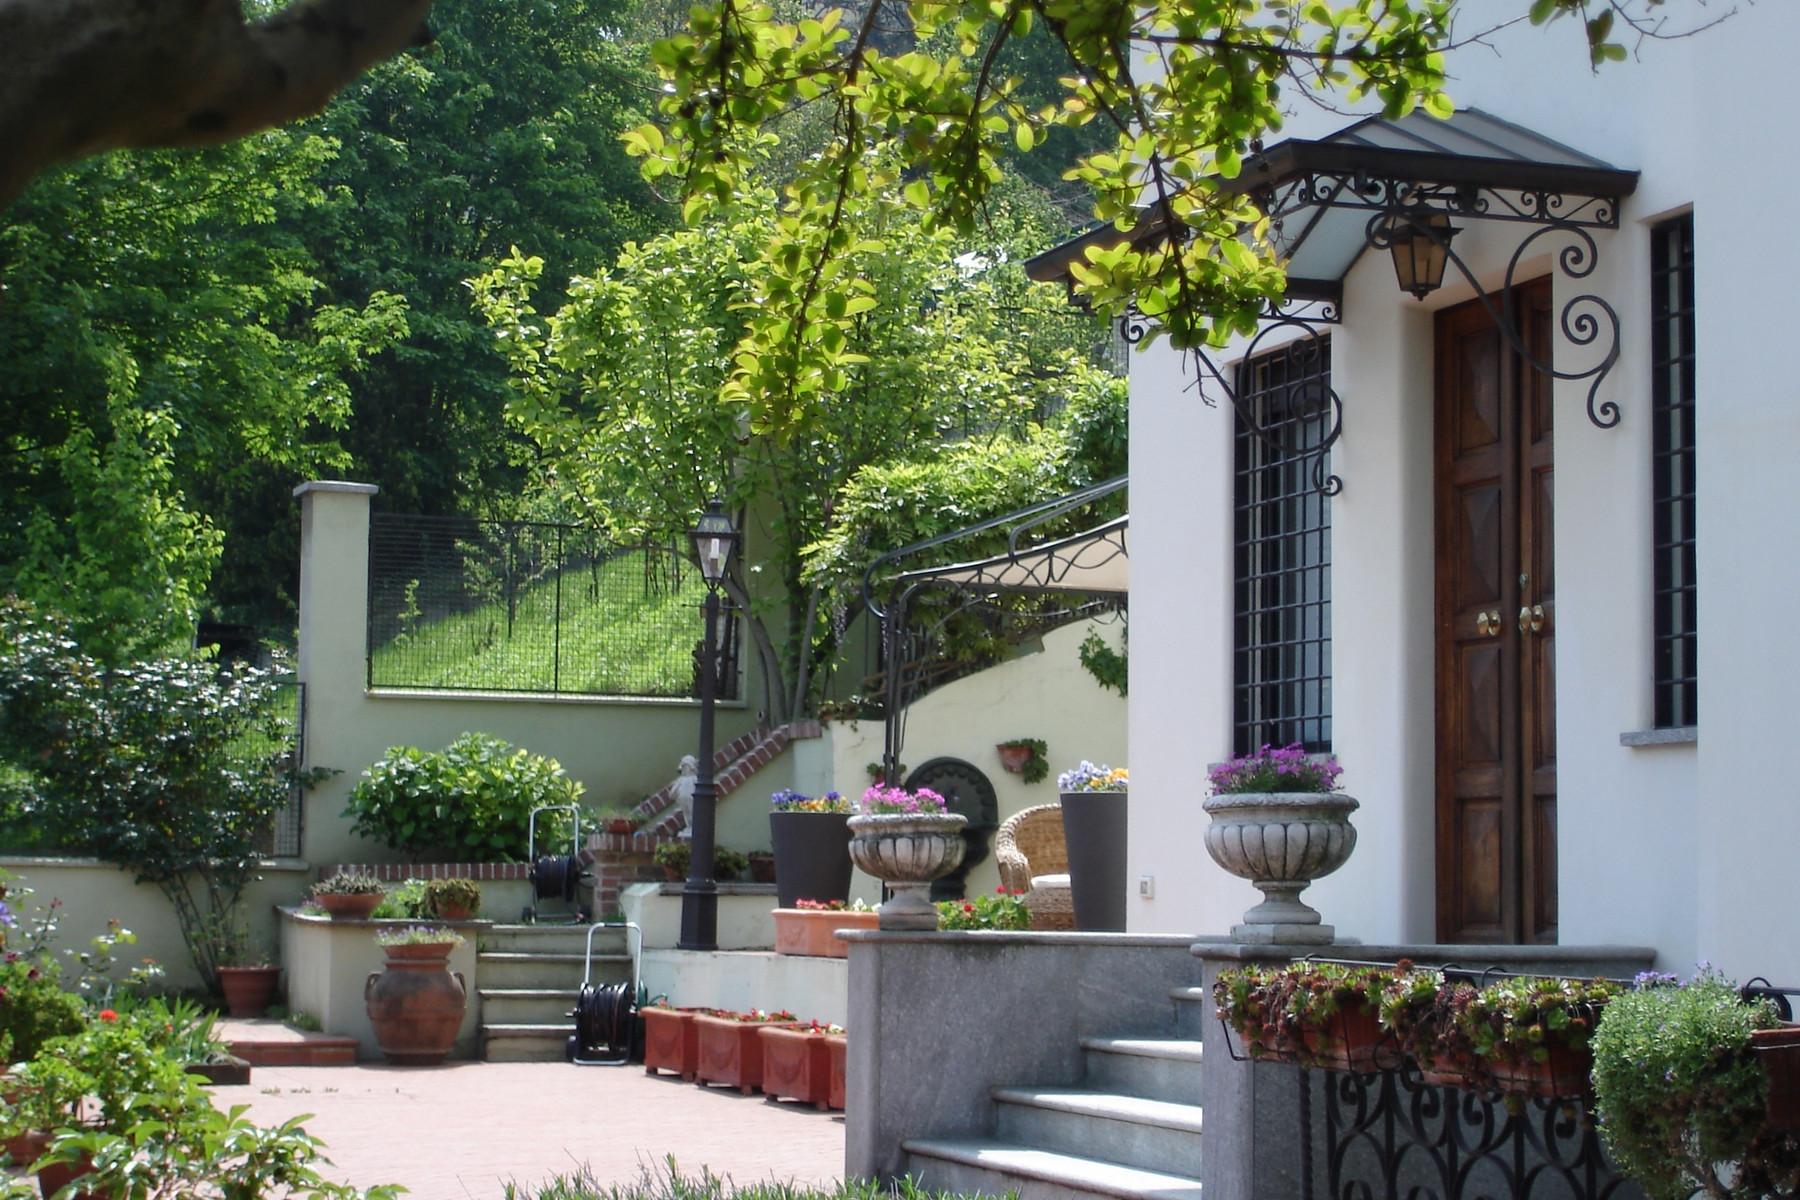 Casa indipendente in Vendita a Torino Semicentro: 5 locali, 376 mq